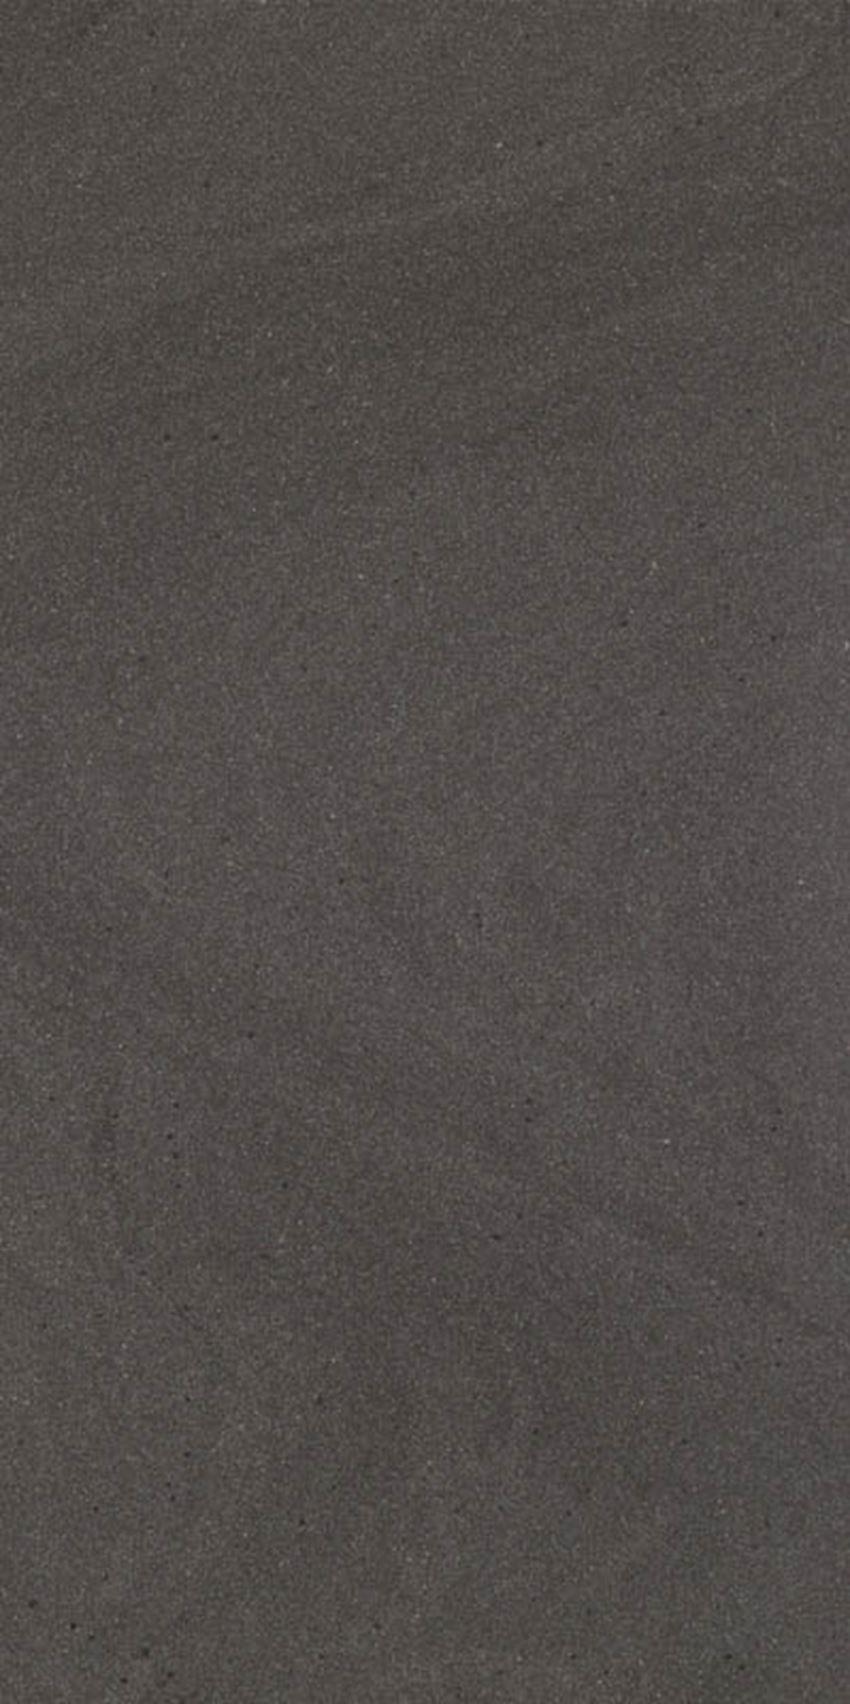 Płytka ścienno-podłogowa 29,8x59,8 cm Paradyż Rockstone Grafit Gres Rekt. Poler